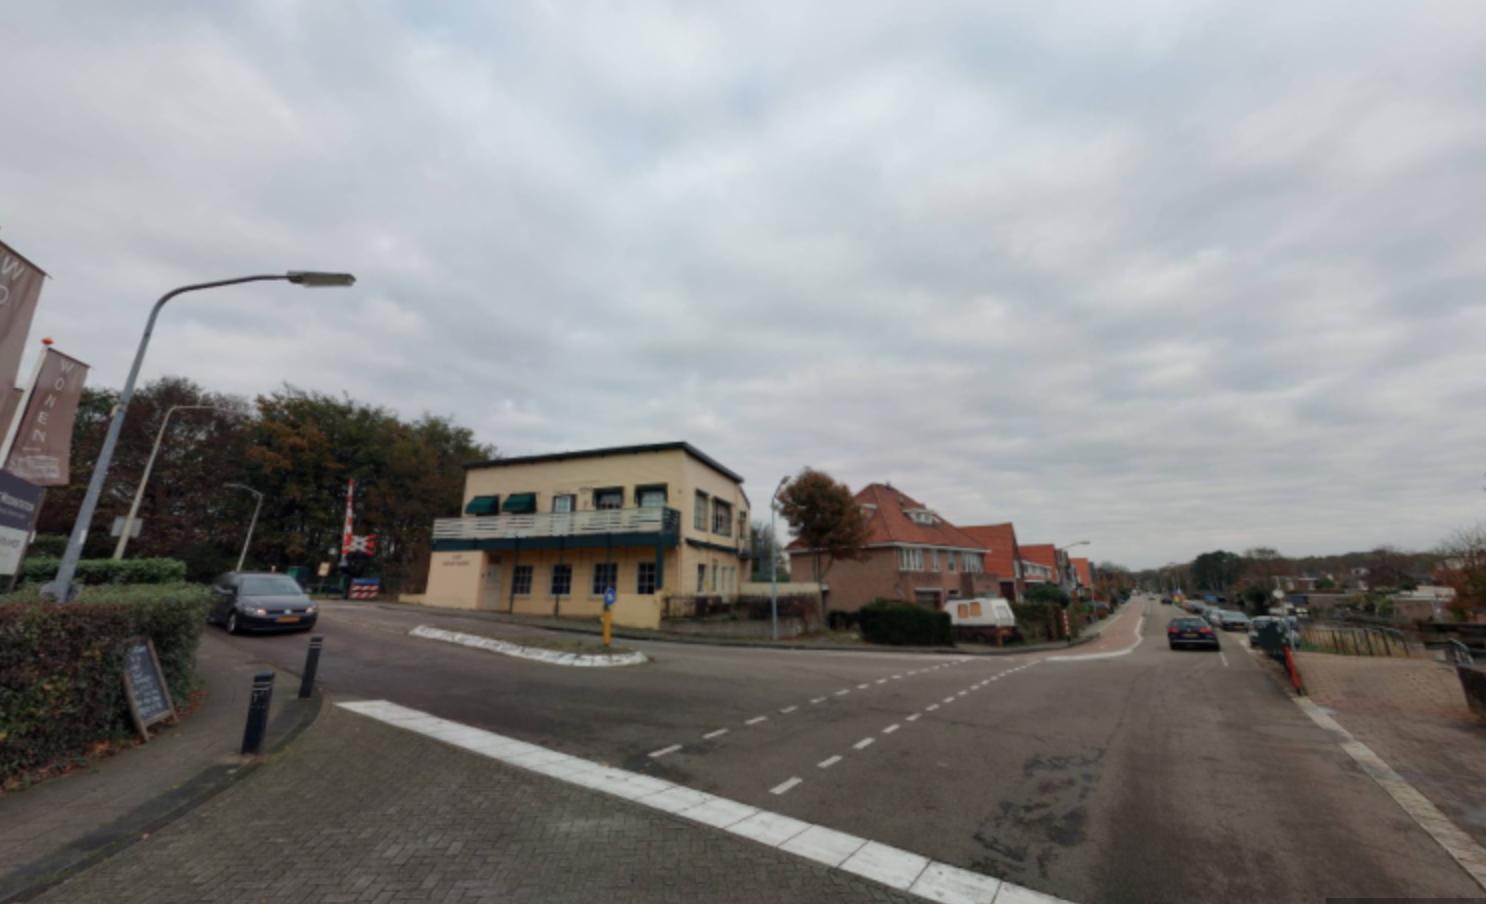 Wethouder moet nogmaals aan de slag met kruising Bekslaan-Leidsevaart in Vogelenzang